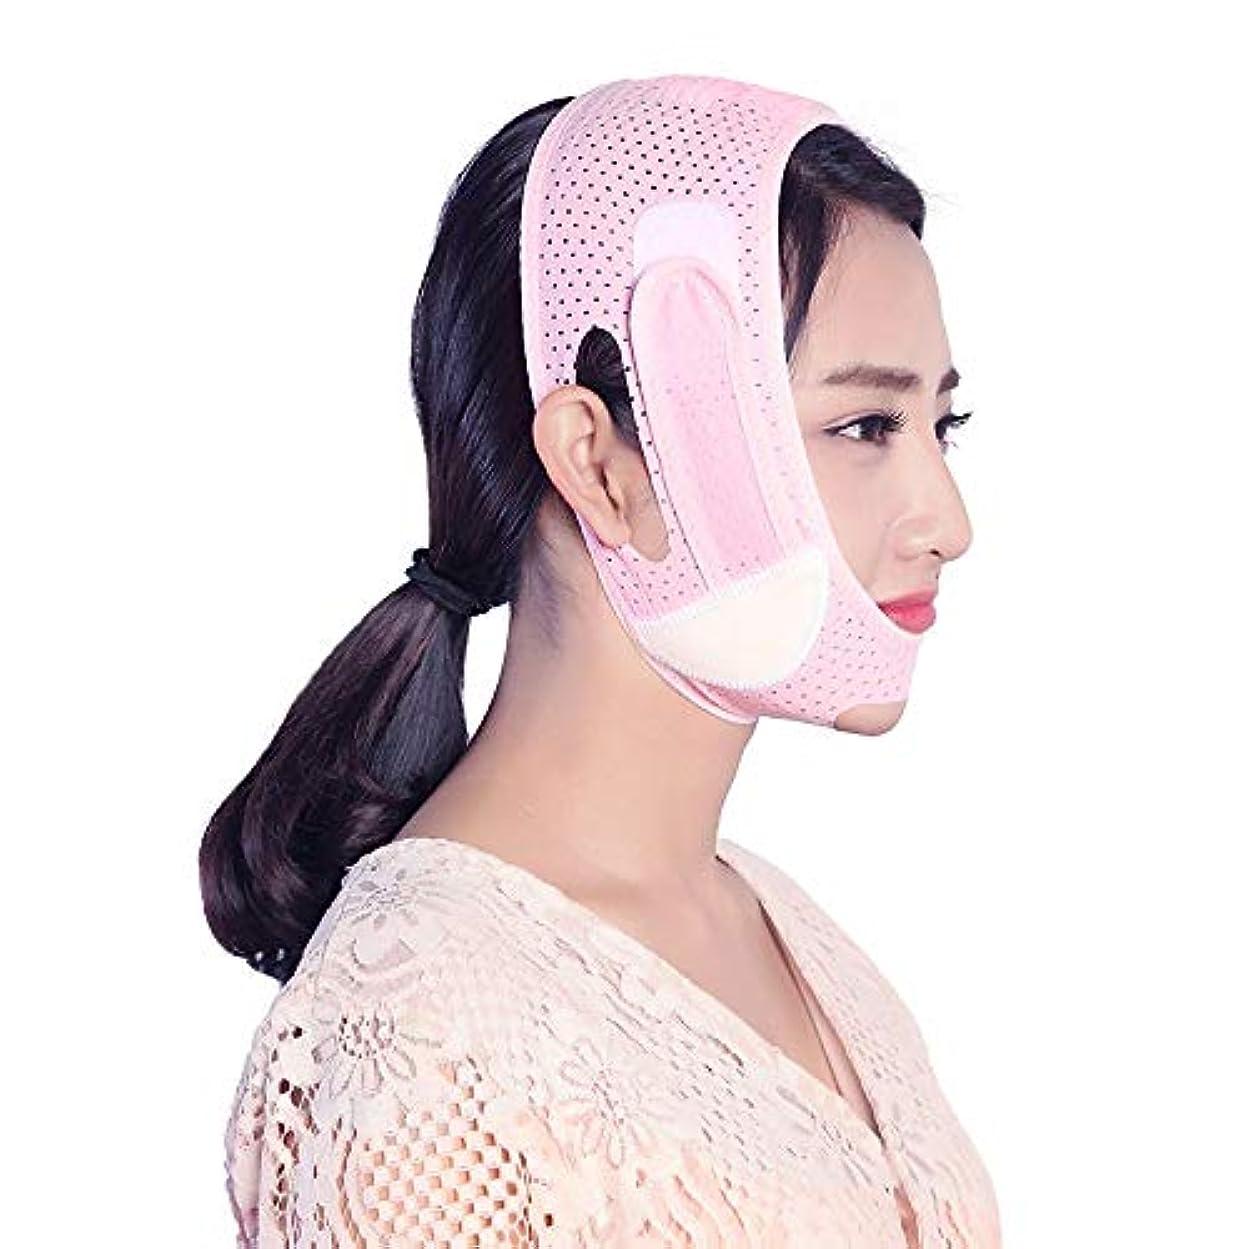 不測の事態ユニークなについてGYZ 睡眠薄い顔パッチ包帯吊り上げプルv顔引き締めどころアーティファクト判決パターン二重あご薄いマッセルマスク - ピンク Thin Face Belt